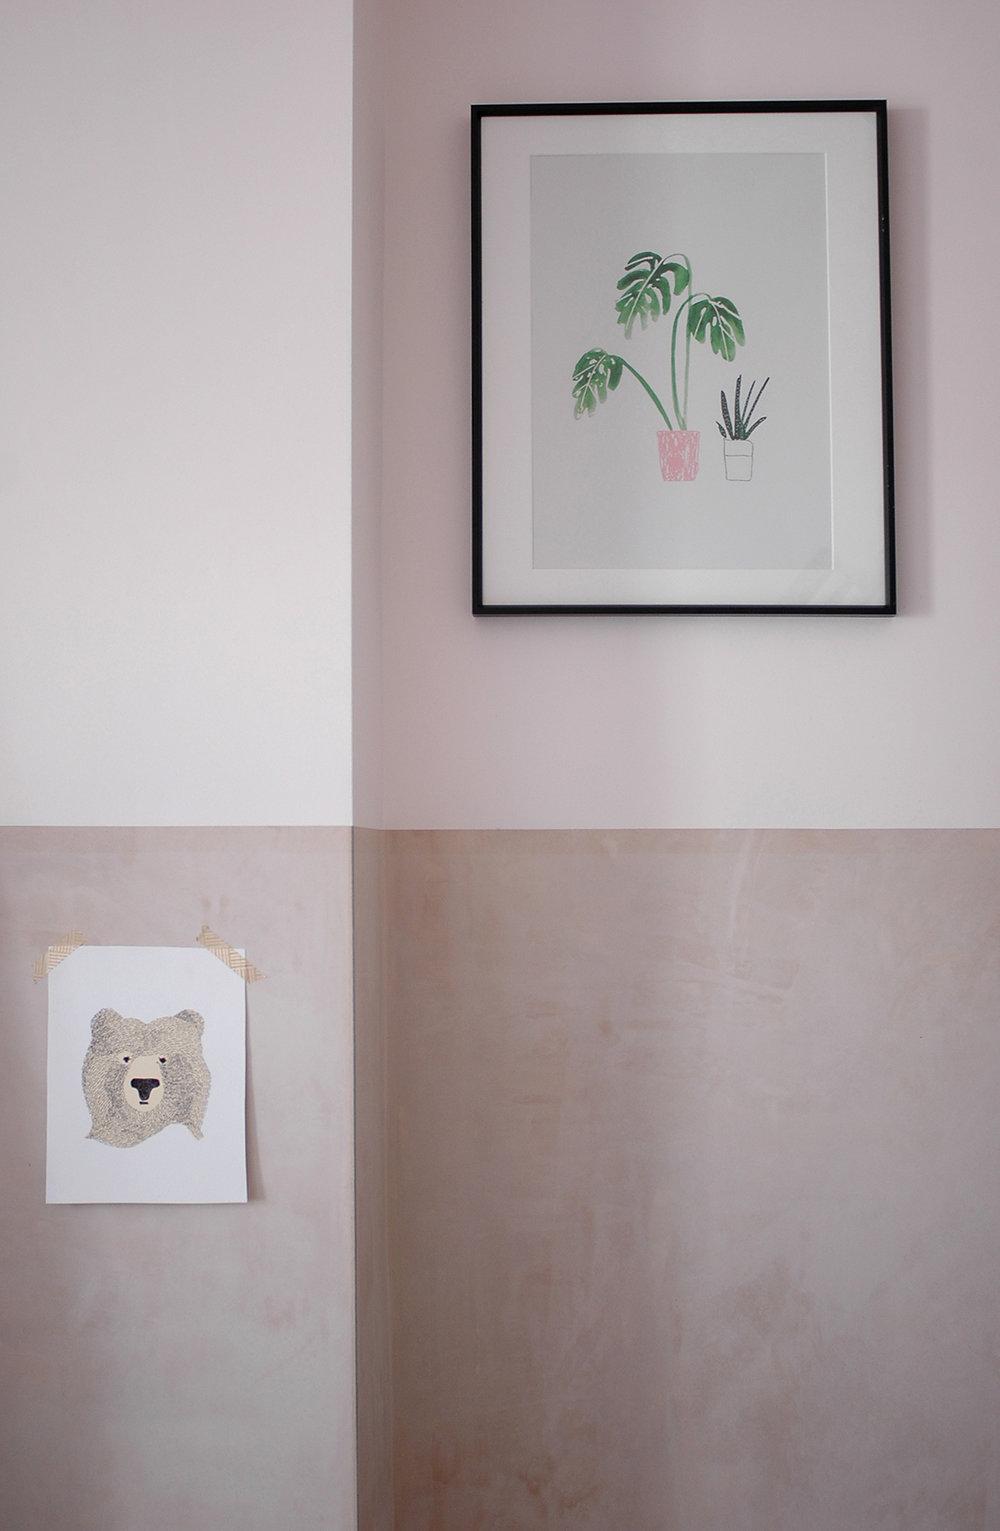 Monstera print: The Lovely Drawer / Bear print: Seventy Tree